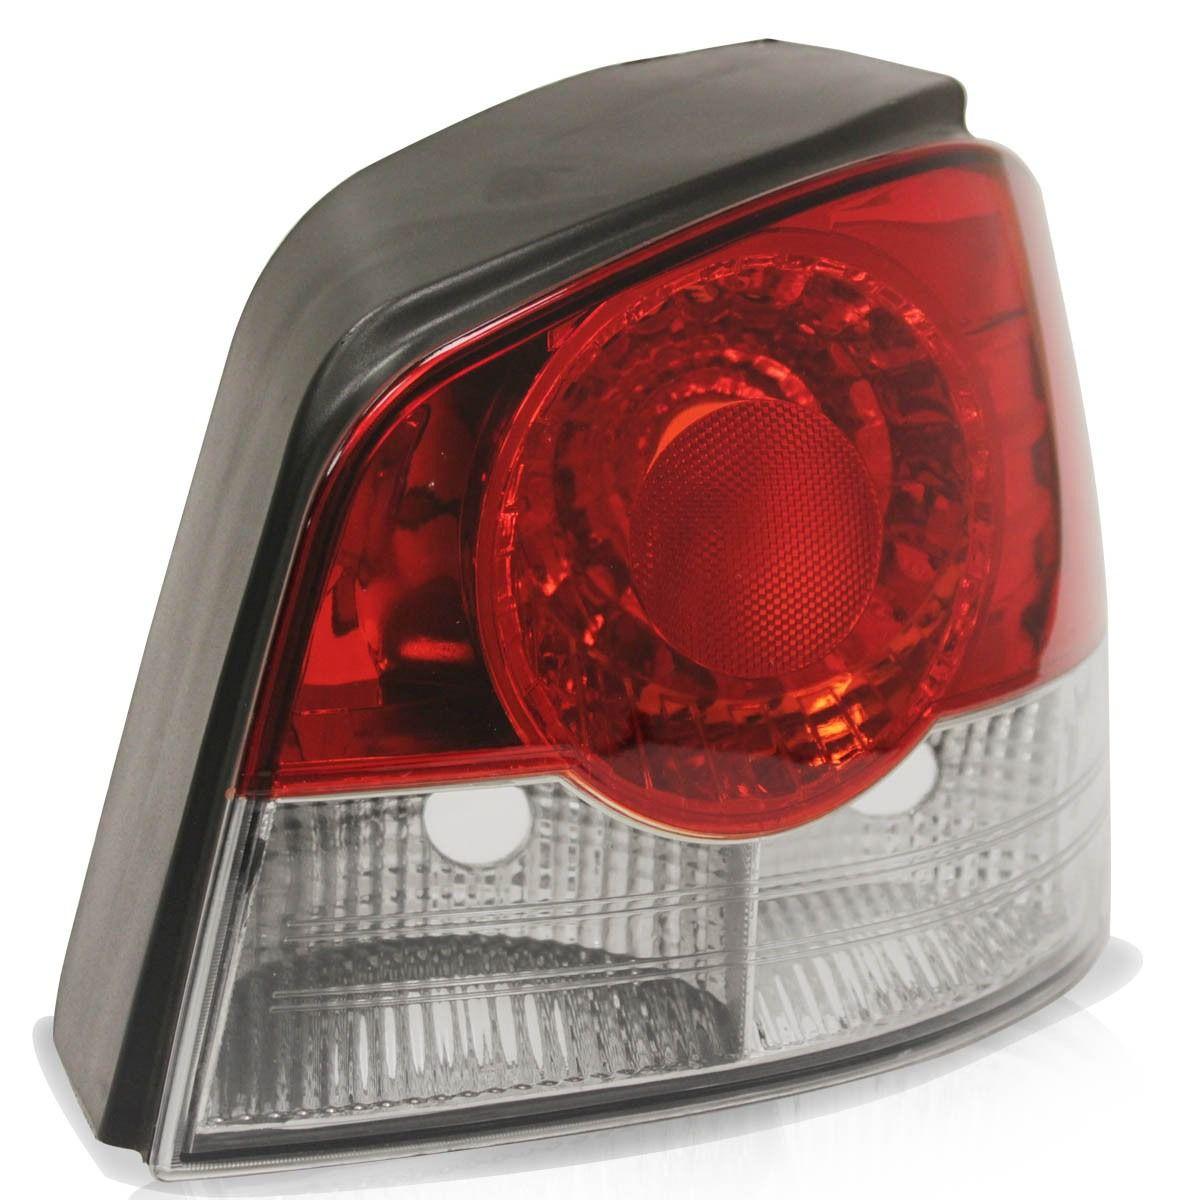 Lanterna Traseira Palio G4 2008 2009 Cristal Serve 2010 2011